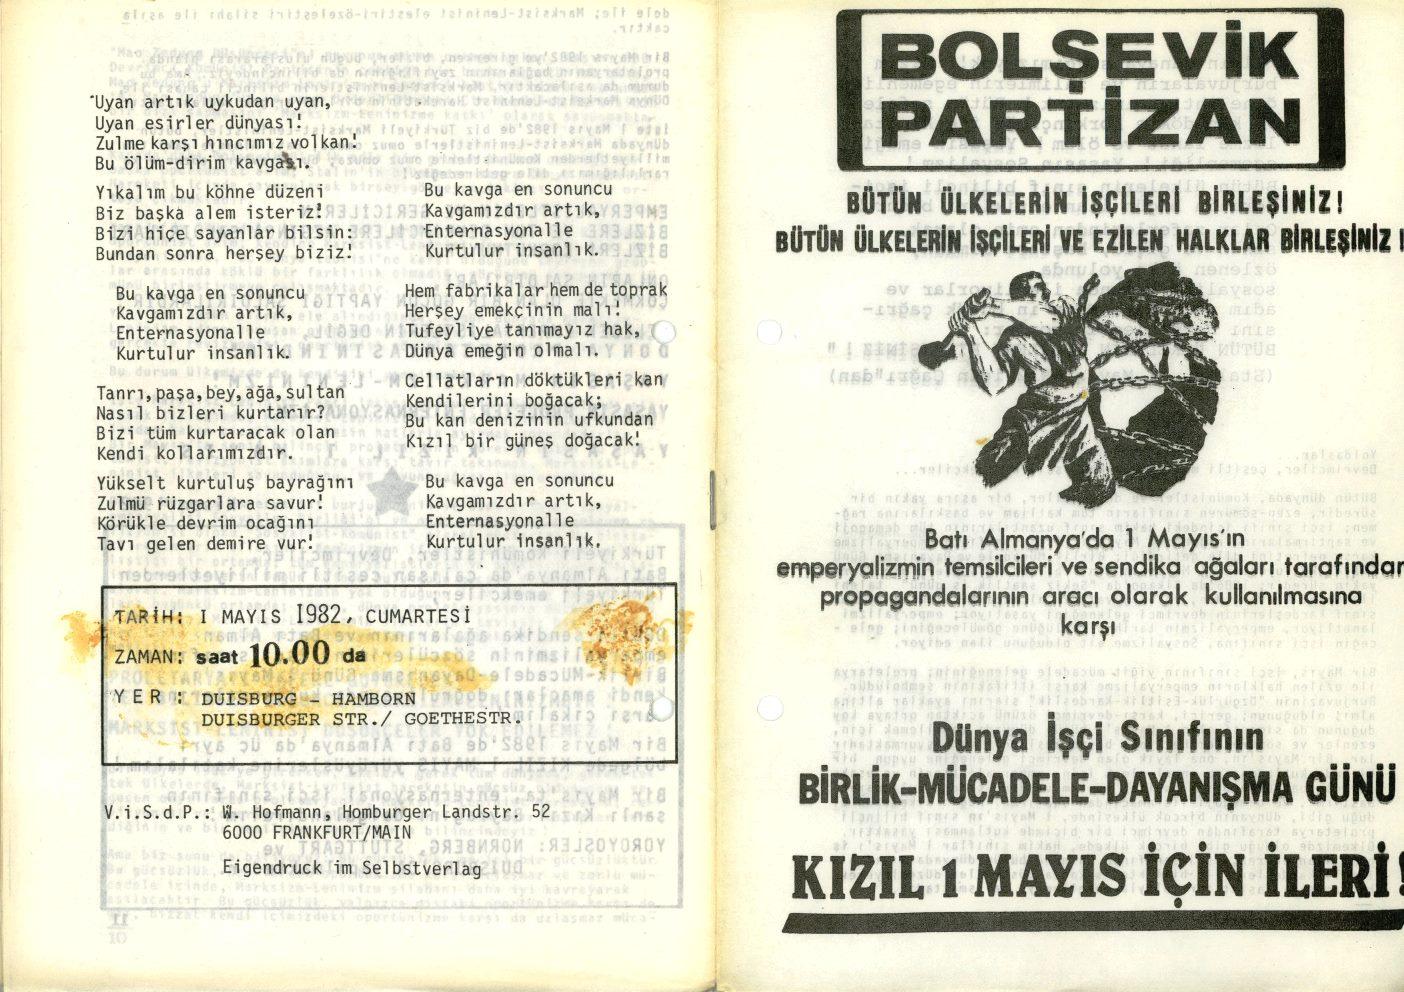 Tuerkei_Bolsevik_Partizan_Flugschriften_1982_02_01